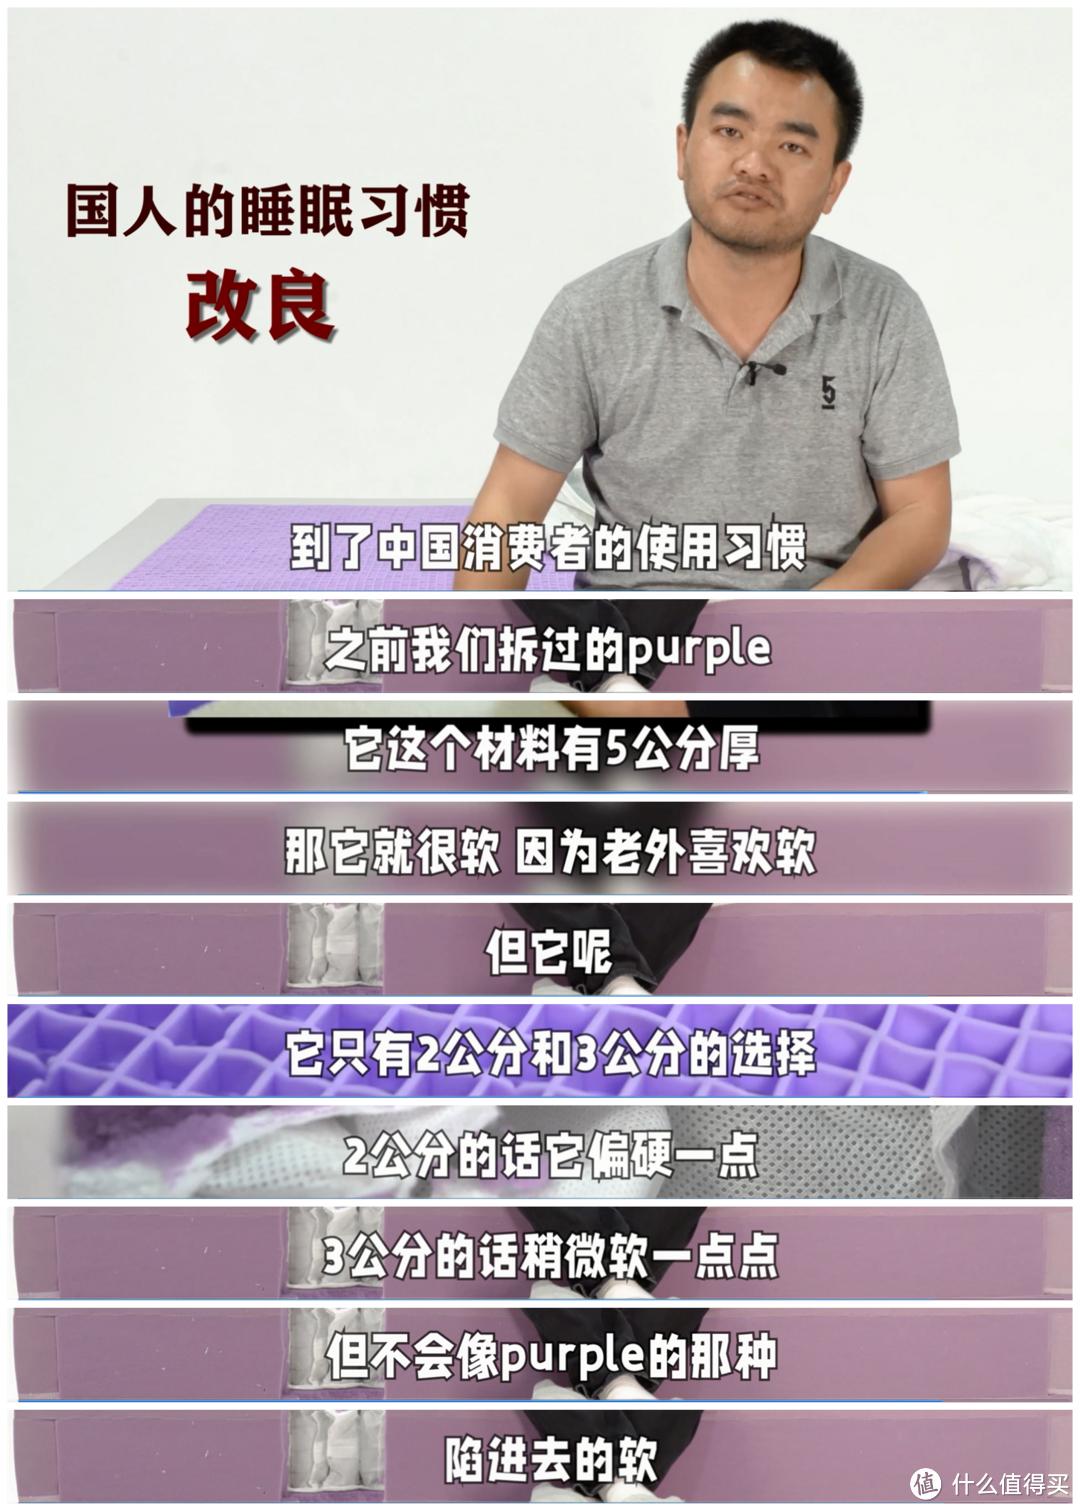 国外卖爆的新材料,神秘紫色垫层,乳胶还能再战吗?